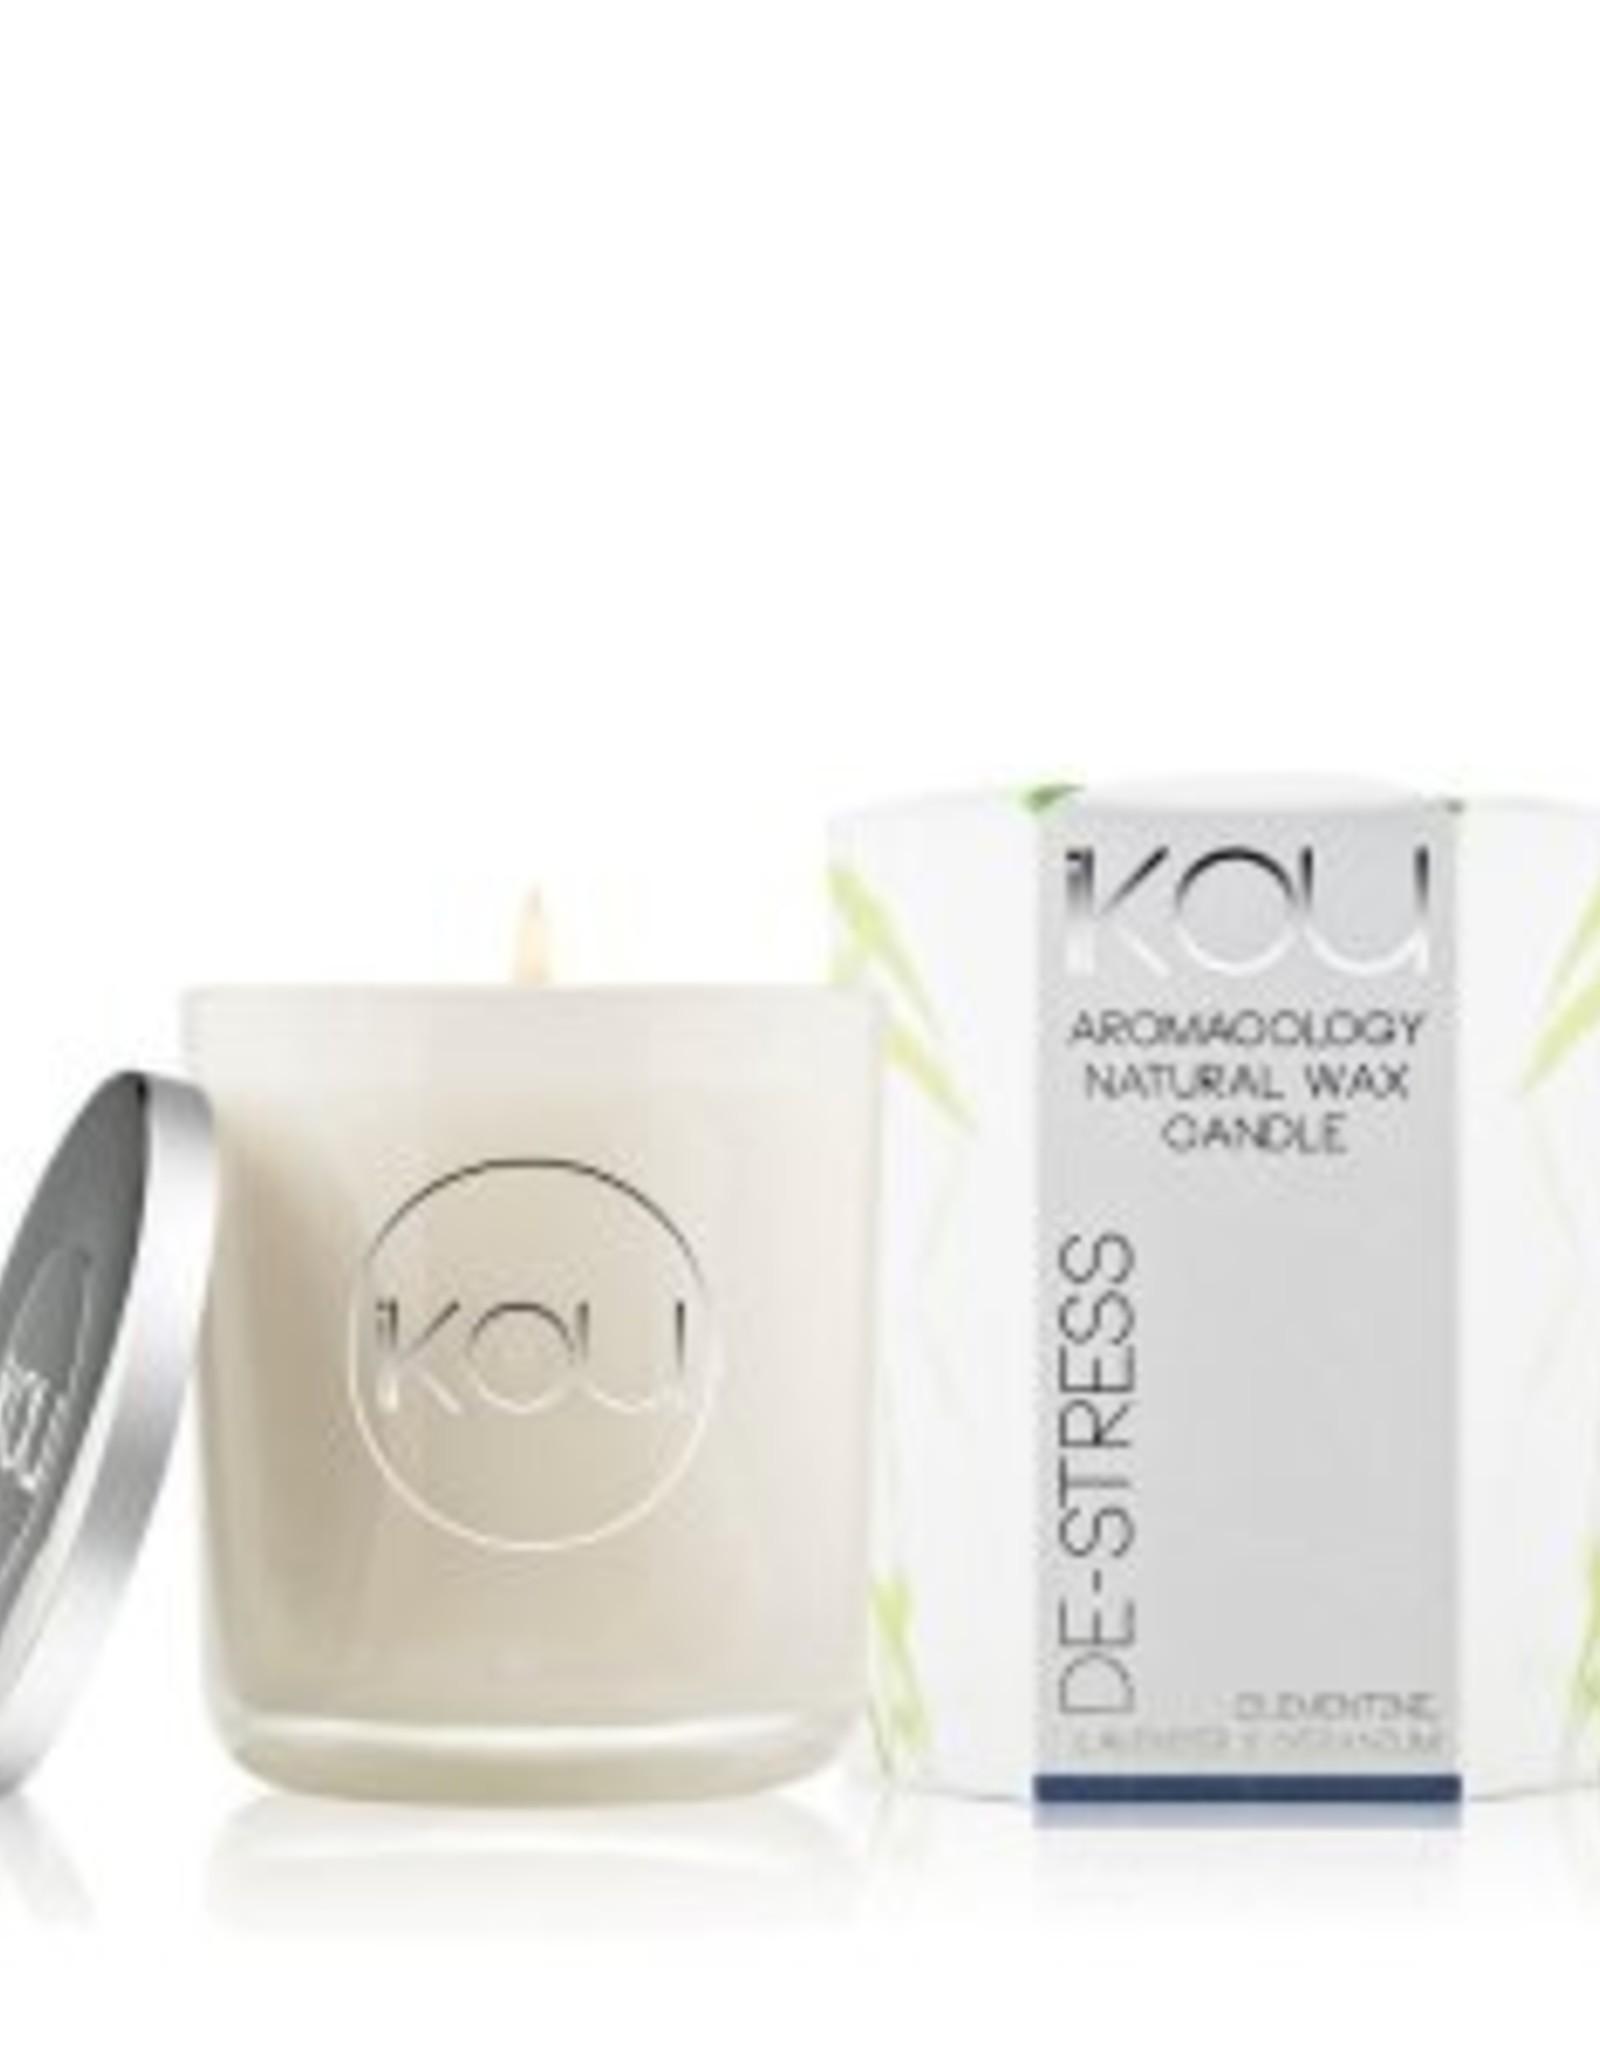 IKOU De-Stress, Glass Candles